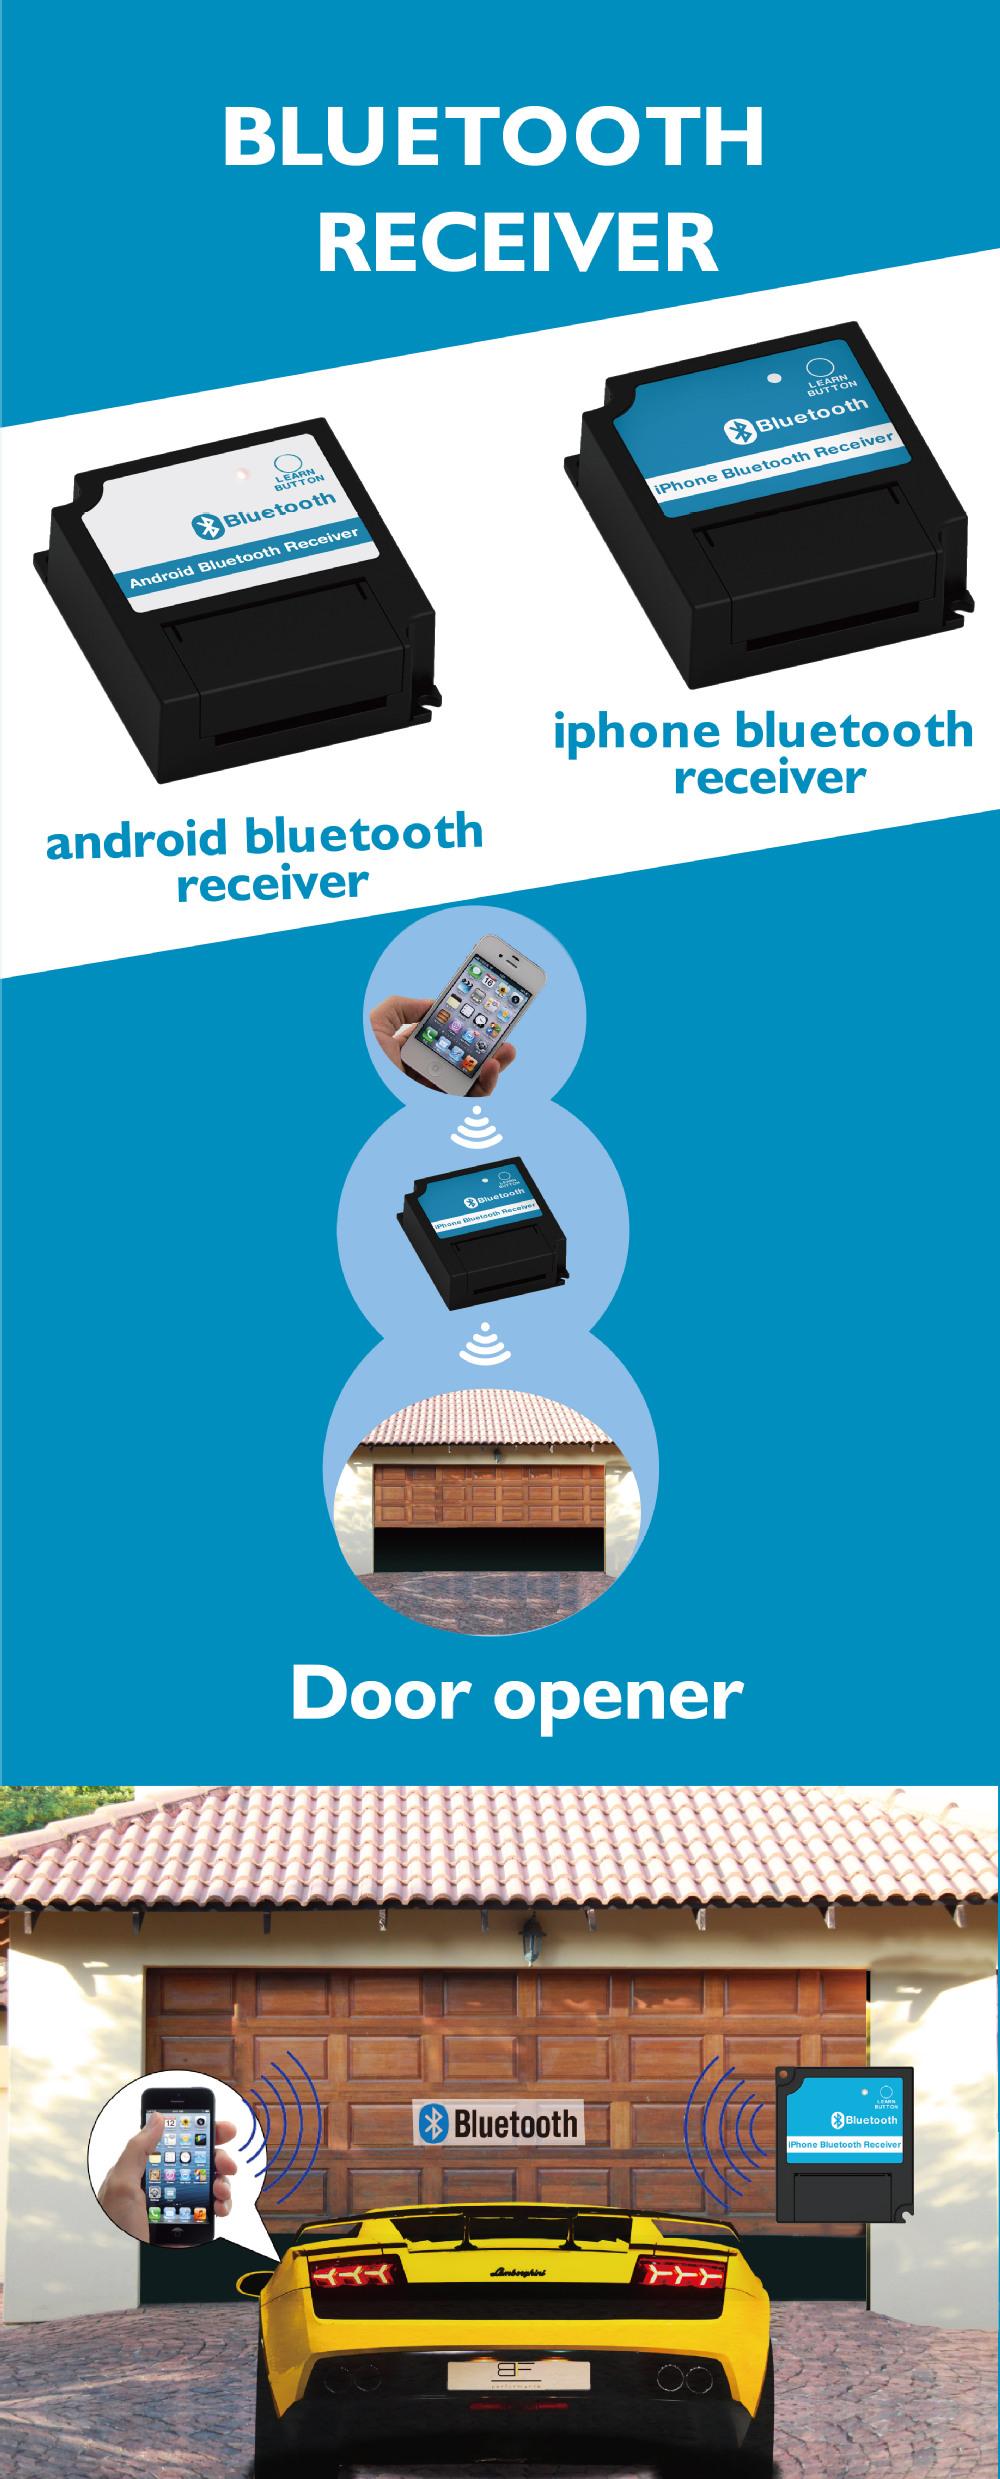 door garage app android youtube opener opensezme watch